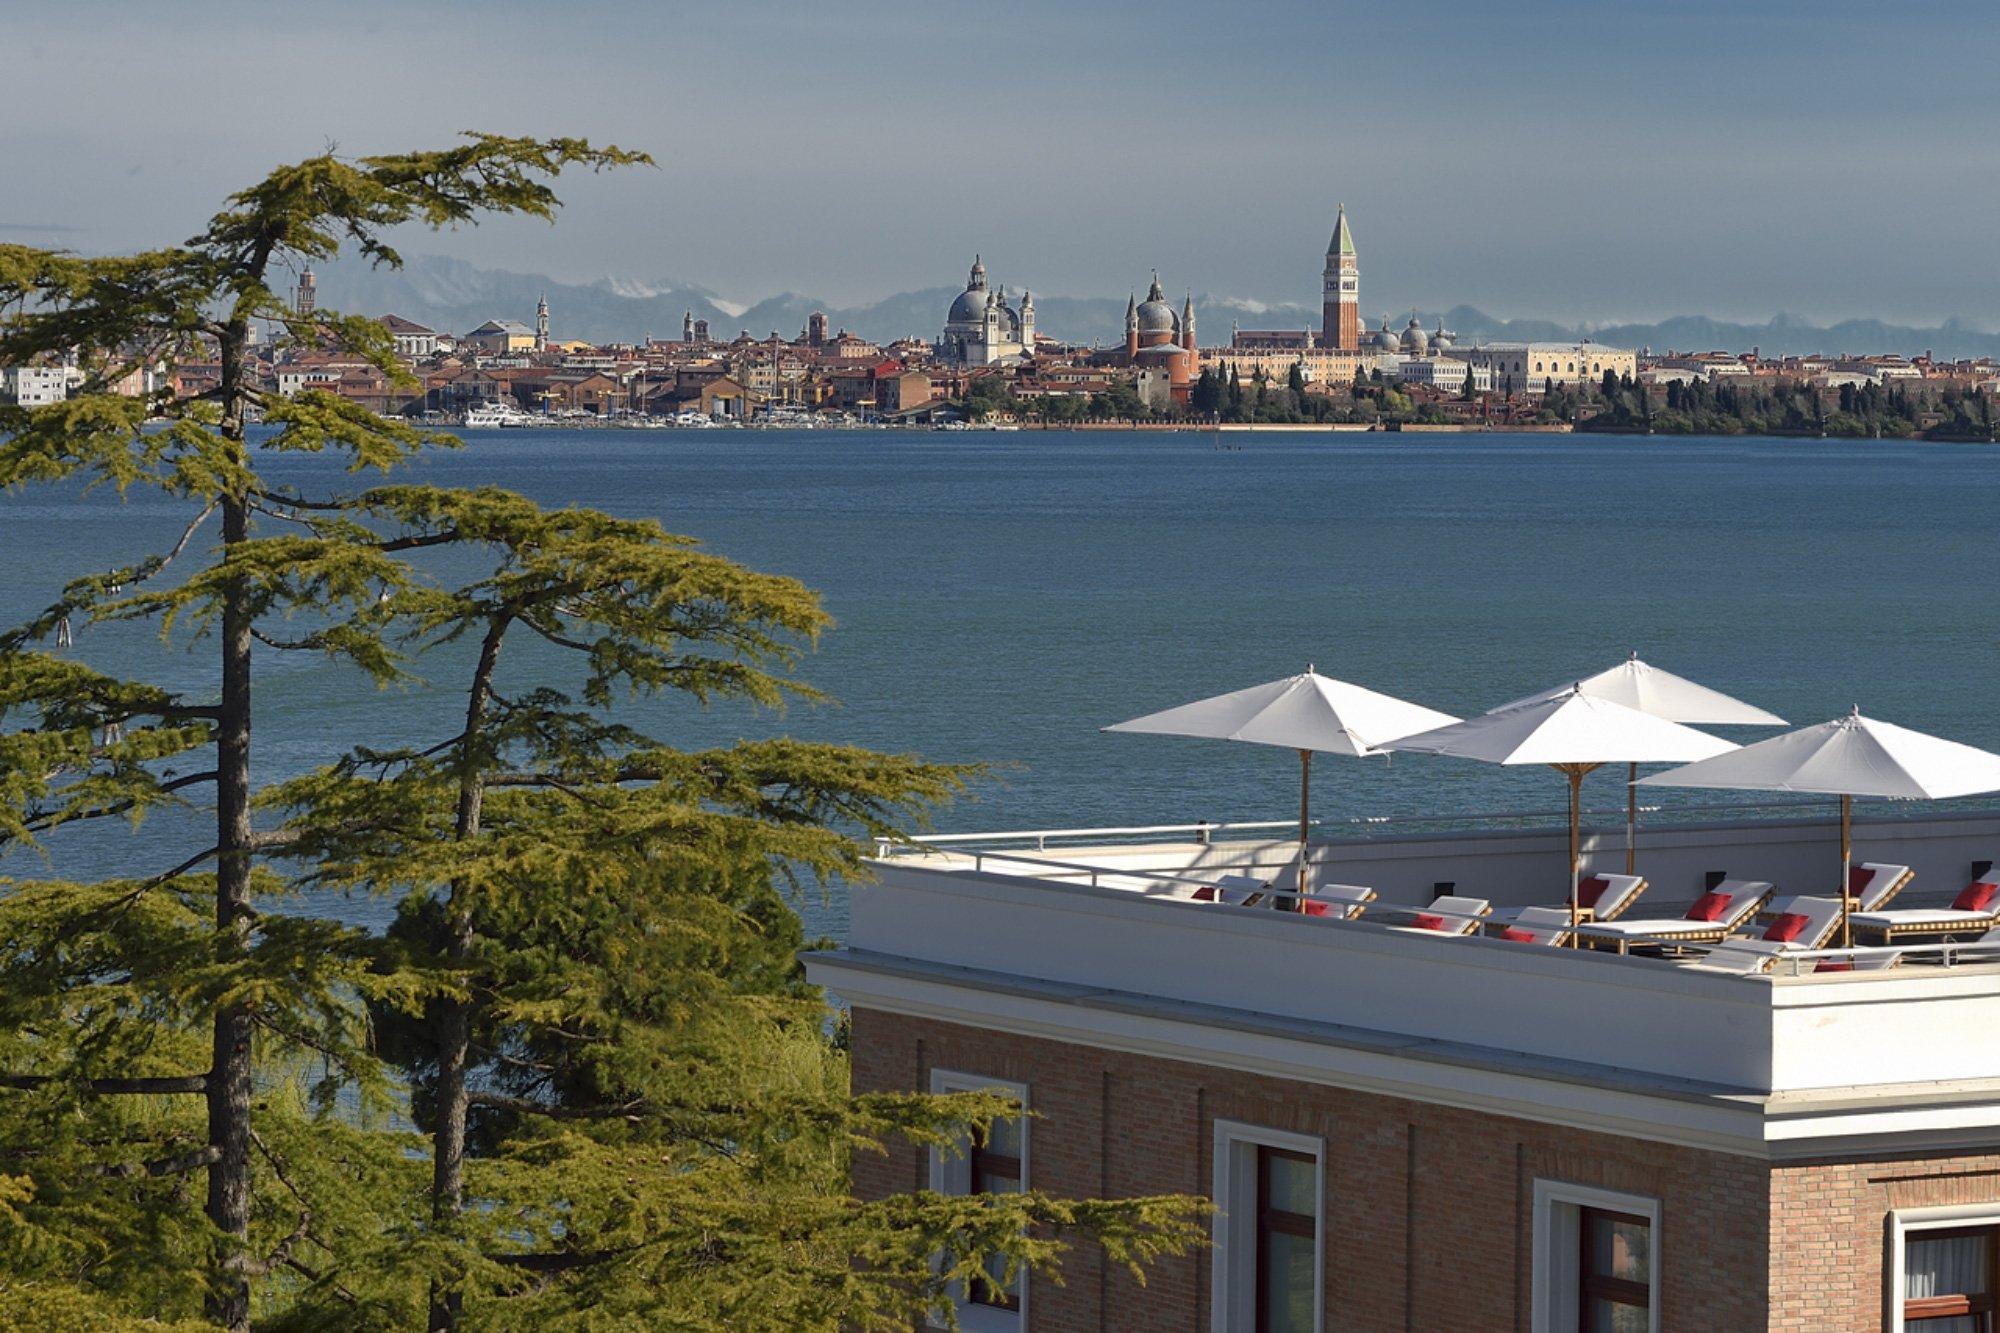 JW Marriott Venice Resort & Spa, Matteo Thun & Partners © JW Marriott Venice Resort & Spa